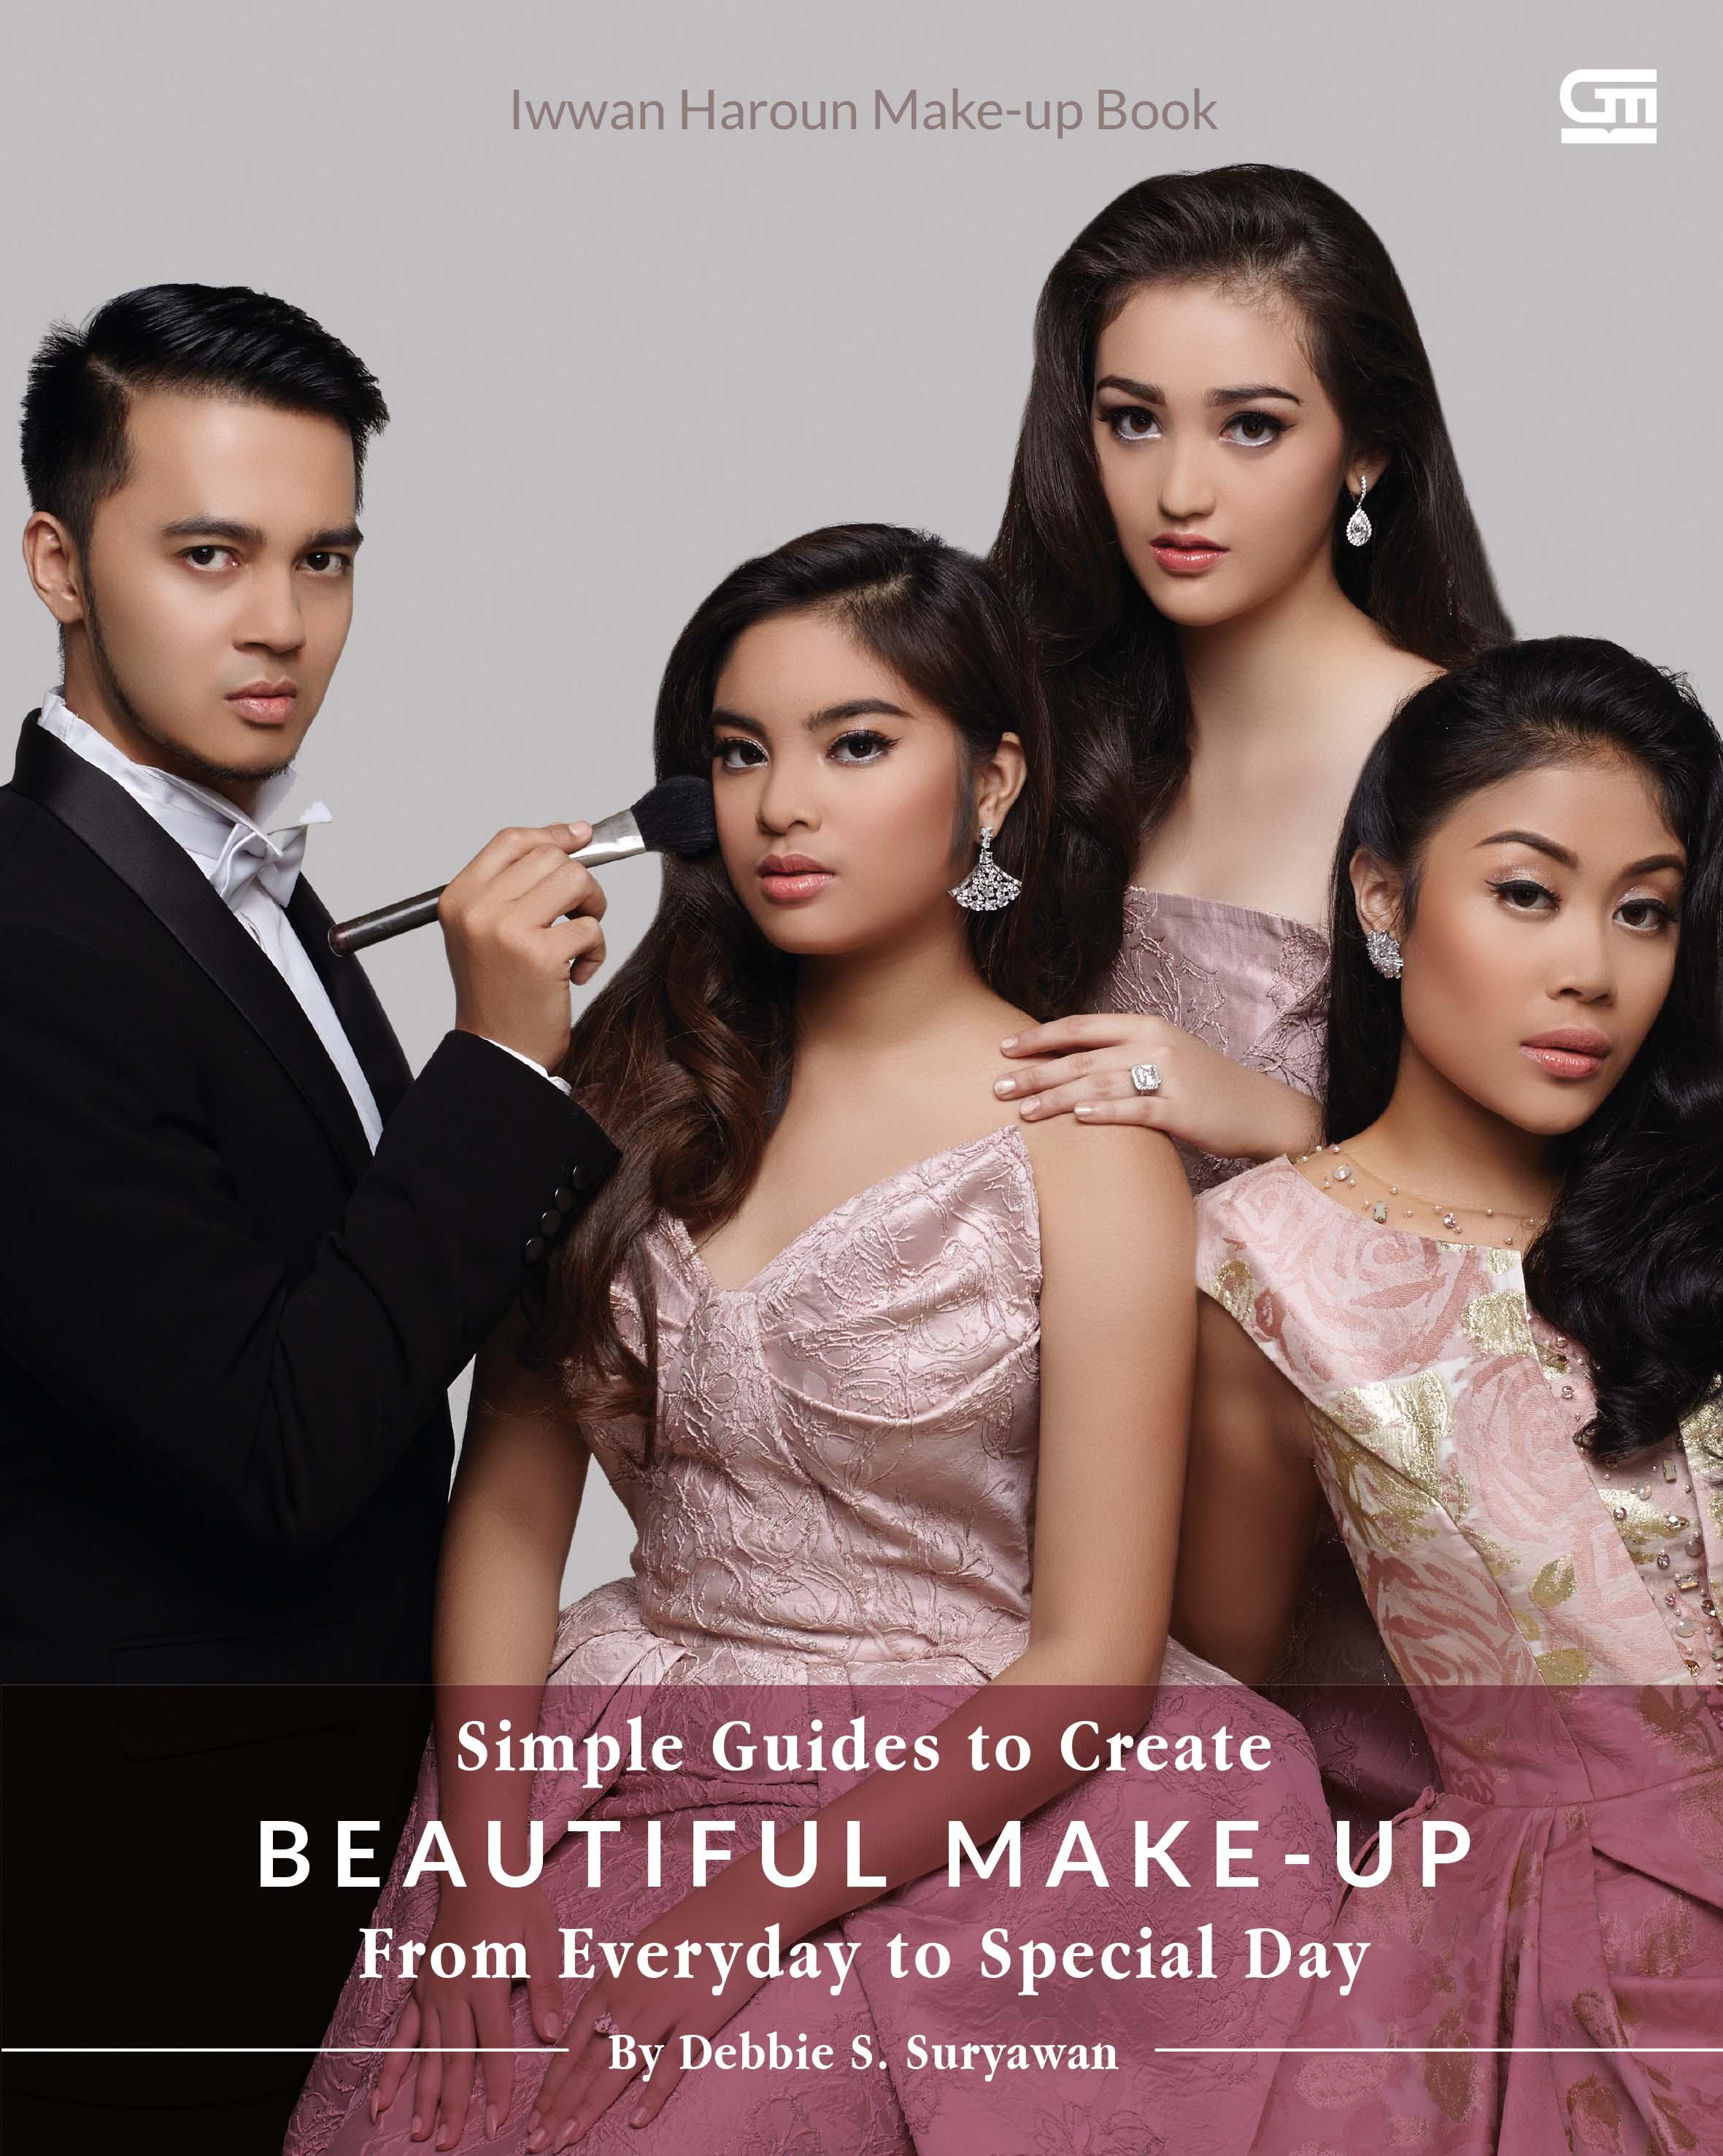 Iwwan Haroun Make-Up Book